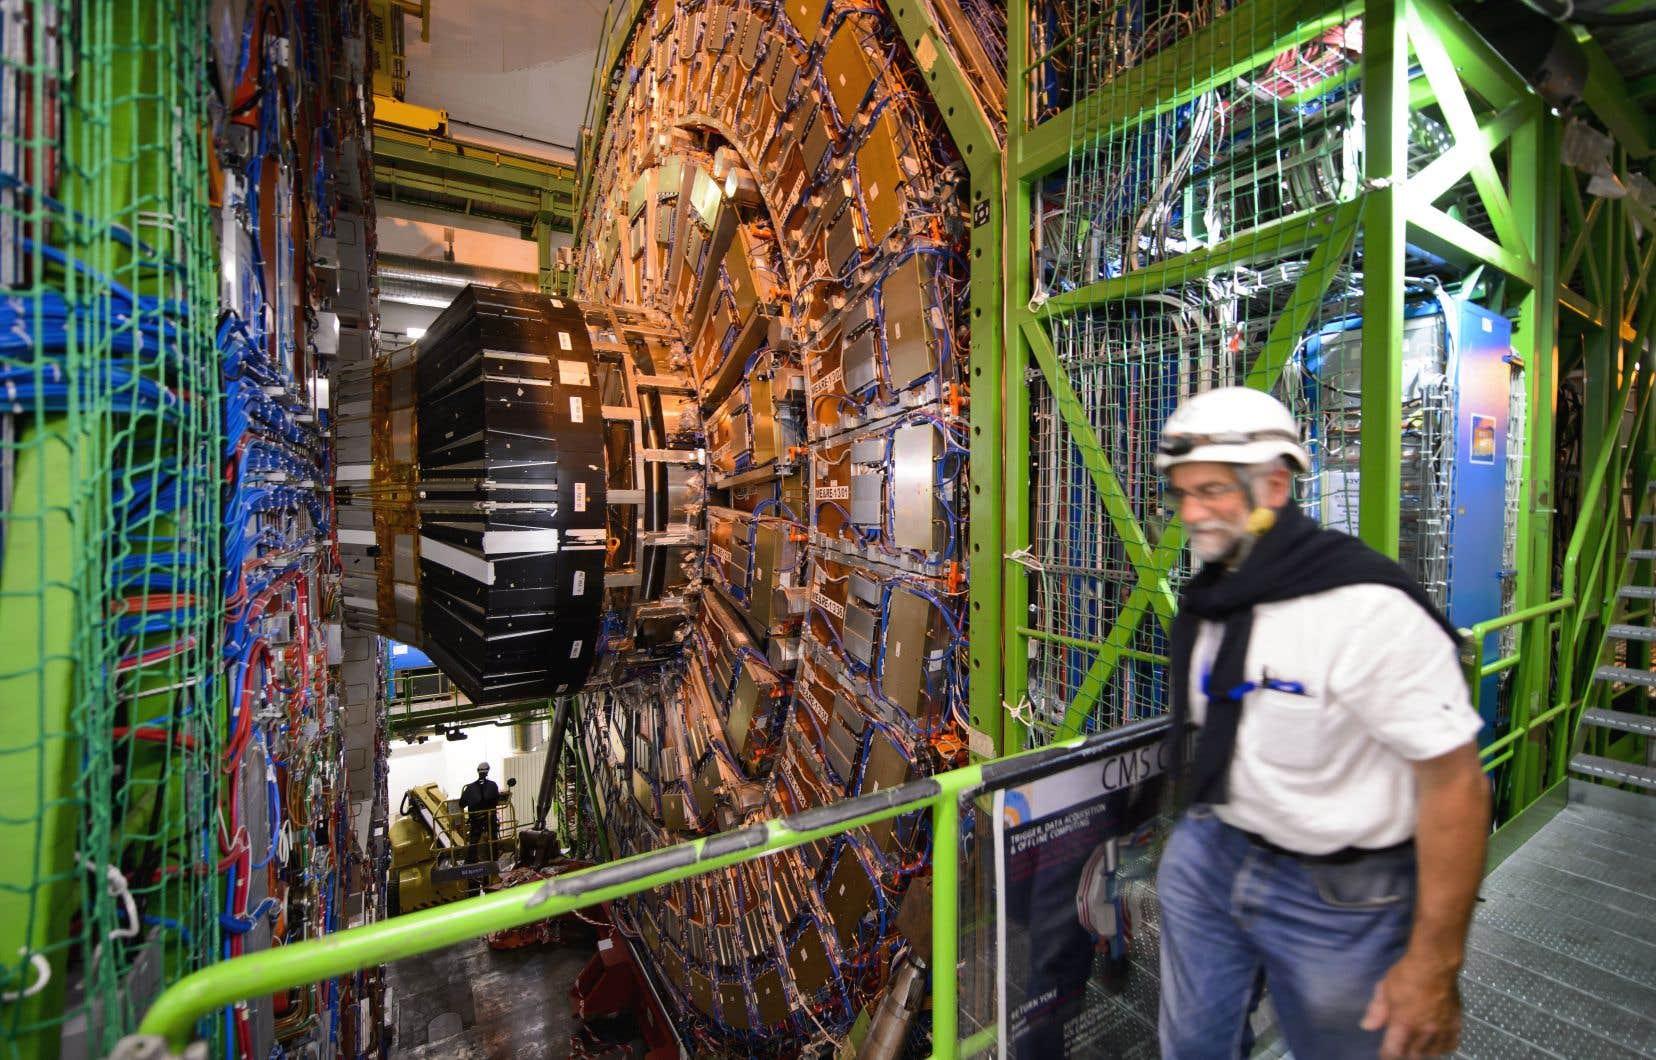 Un employé du CERN passe devant le Grand collisionneur de hadrons (LHC), à Meyrin, en Suisse.